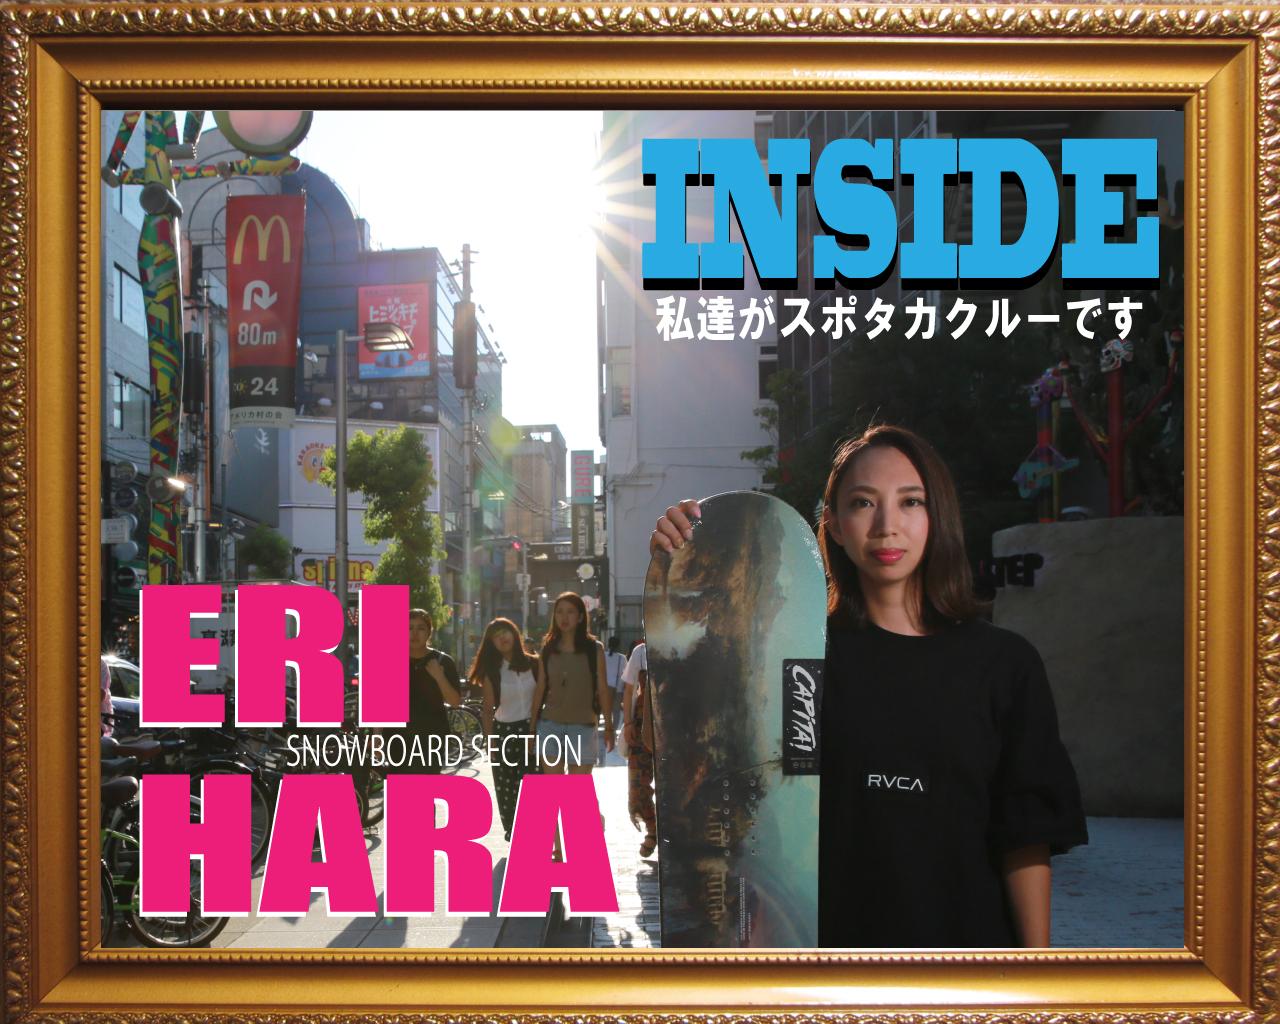 [INSIDE] 私達がスポタカクルーです。 バイヤー&スノーボードセールス ERI  HARA